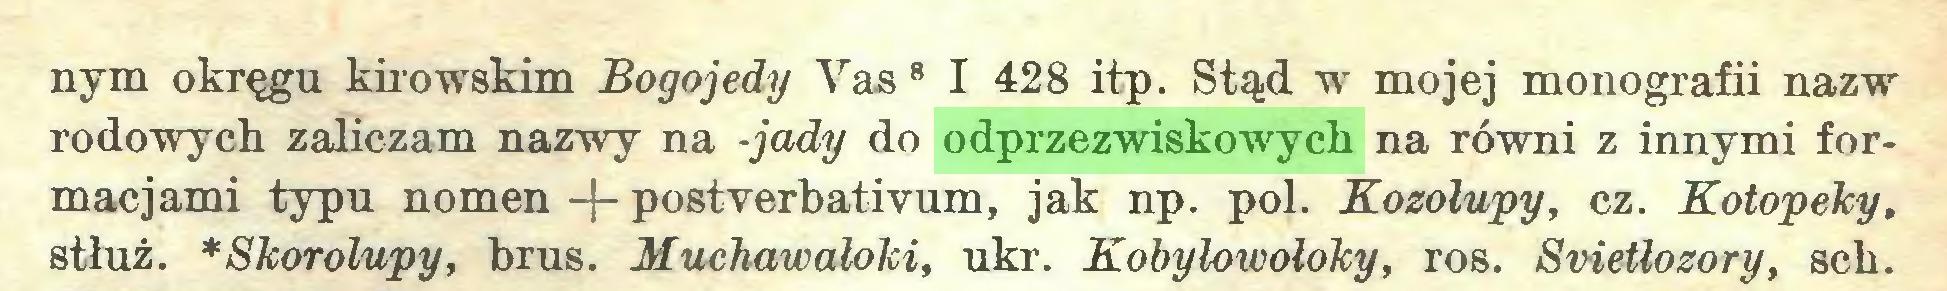 (...) nym okręgu kirowskim Bogojedy Vas B I 428 itp. Stąd w mojej monografii nazw rodowych zaliczam nazwy na -jady do odprzezwiskowych na równi z innymi formacjami typu nomen -j- postverbativum, jak np. poi. Kozołupy, cz. Kotopeky, stłuż. *Skorolupy, brus. Muchawaloki, ukr. Kobyłowołoky, ros. Svietłozory, sck...